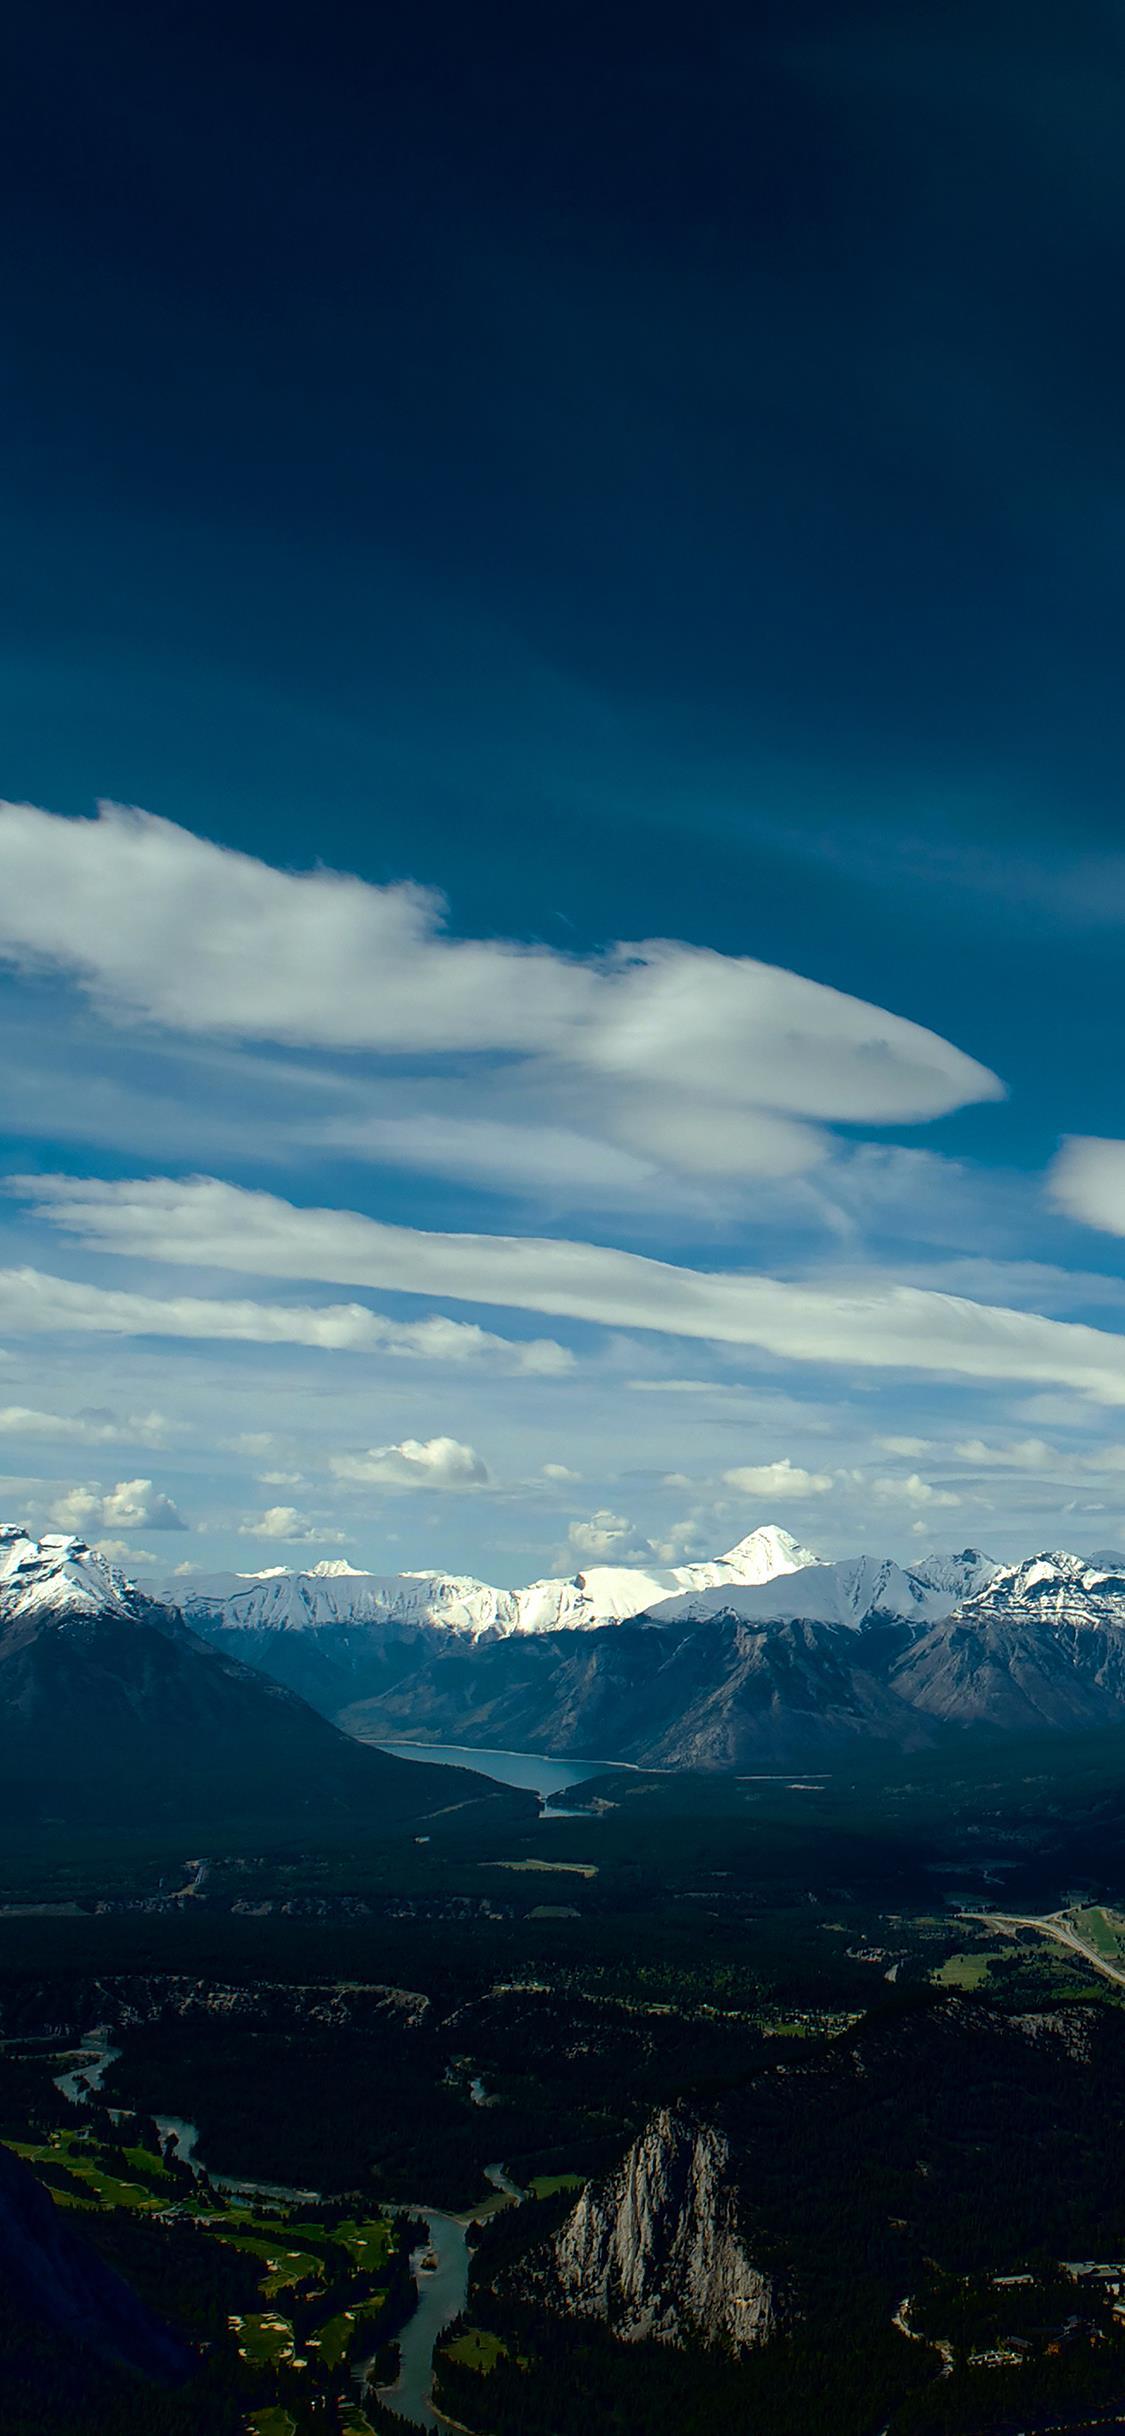 Le montagne innevate - Sfondi per iPhone, i migliori da scaricare gratis